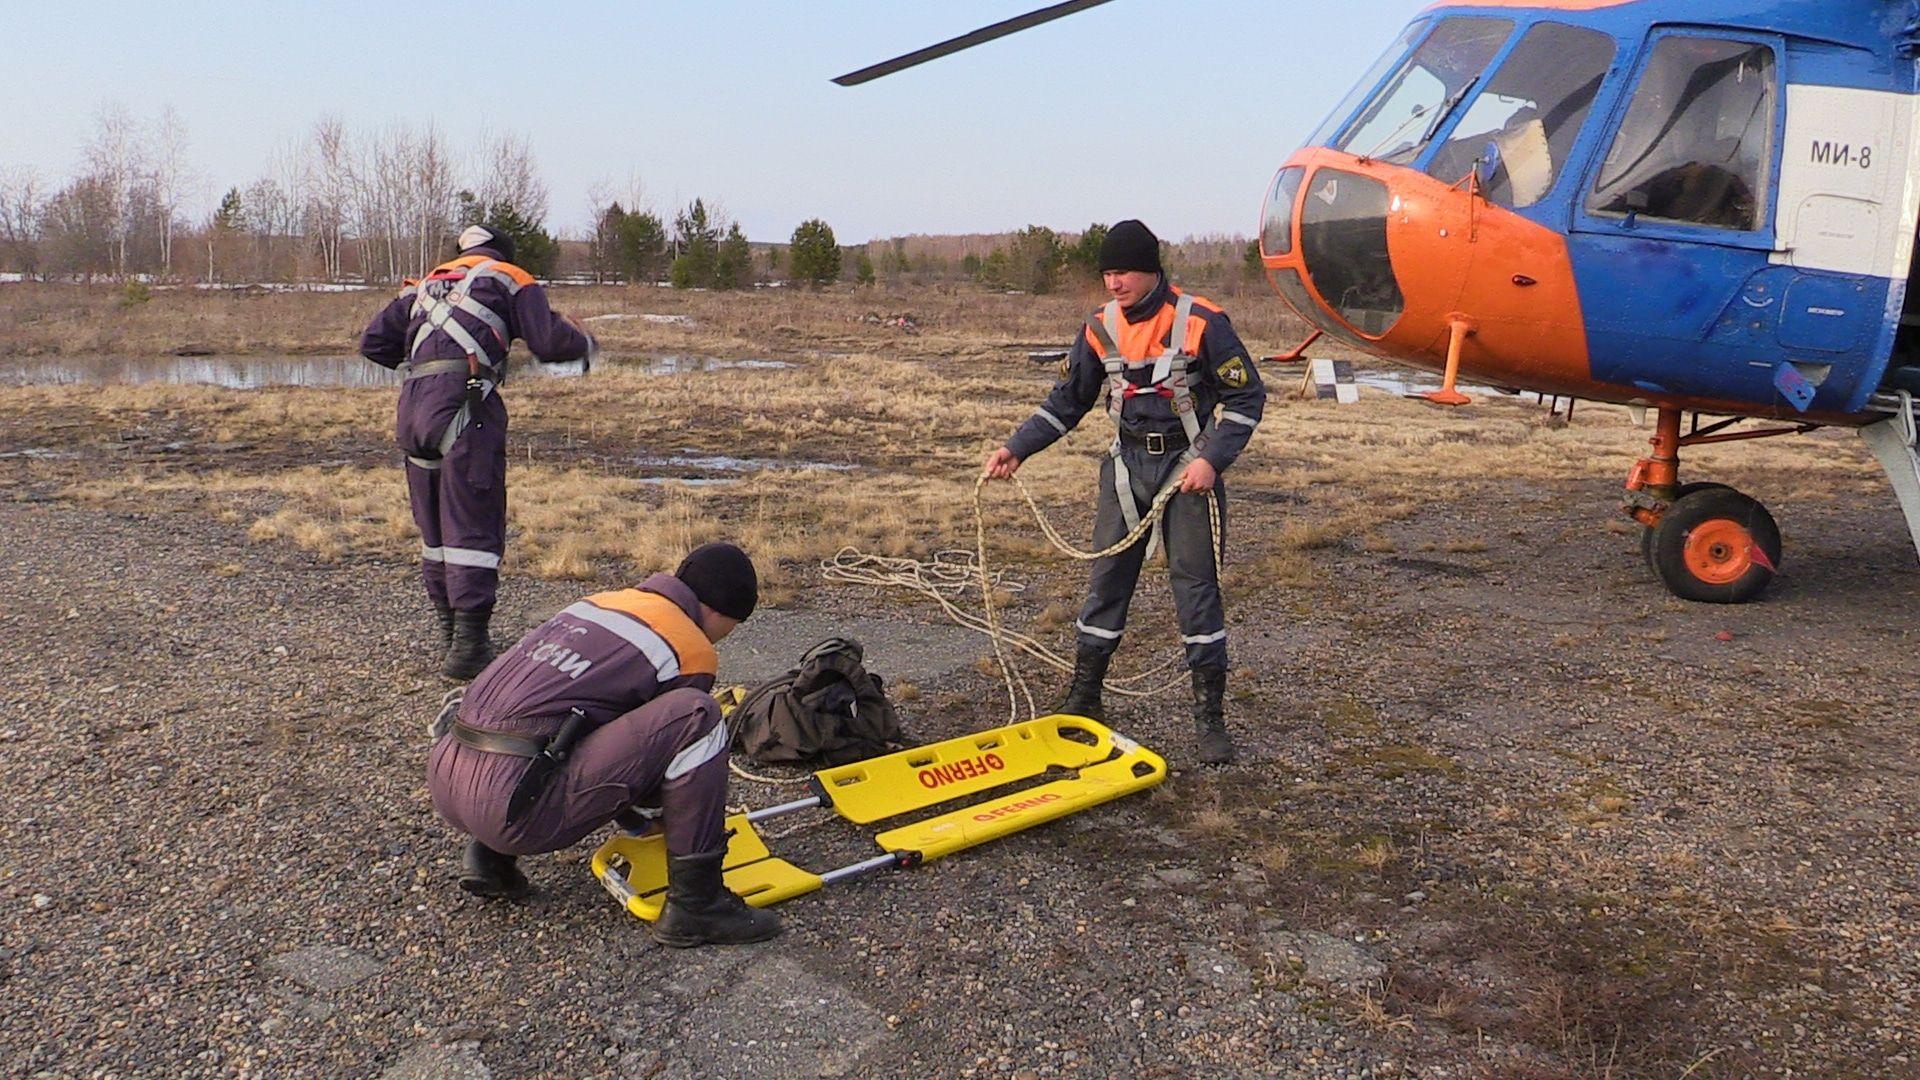 Томские врачи спасли пациента с инсультом из охотничьей избы